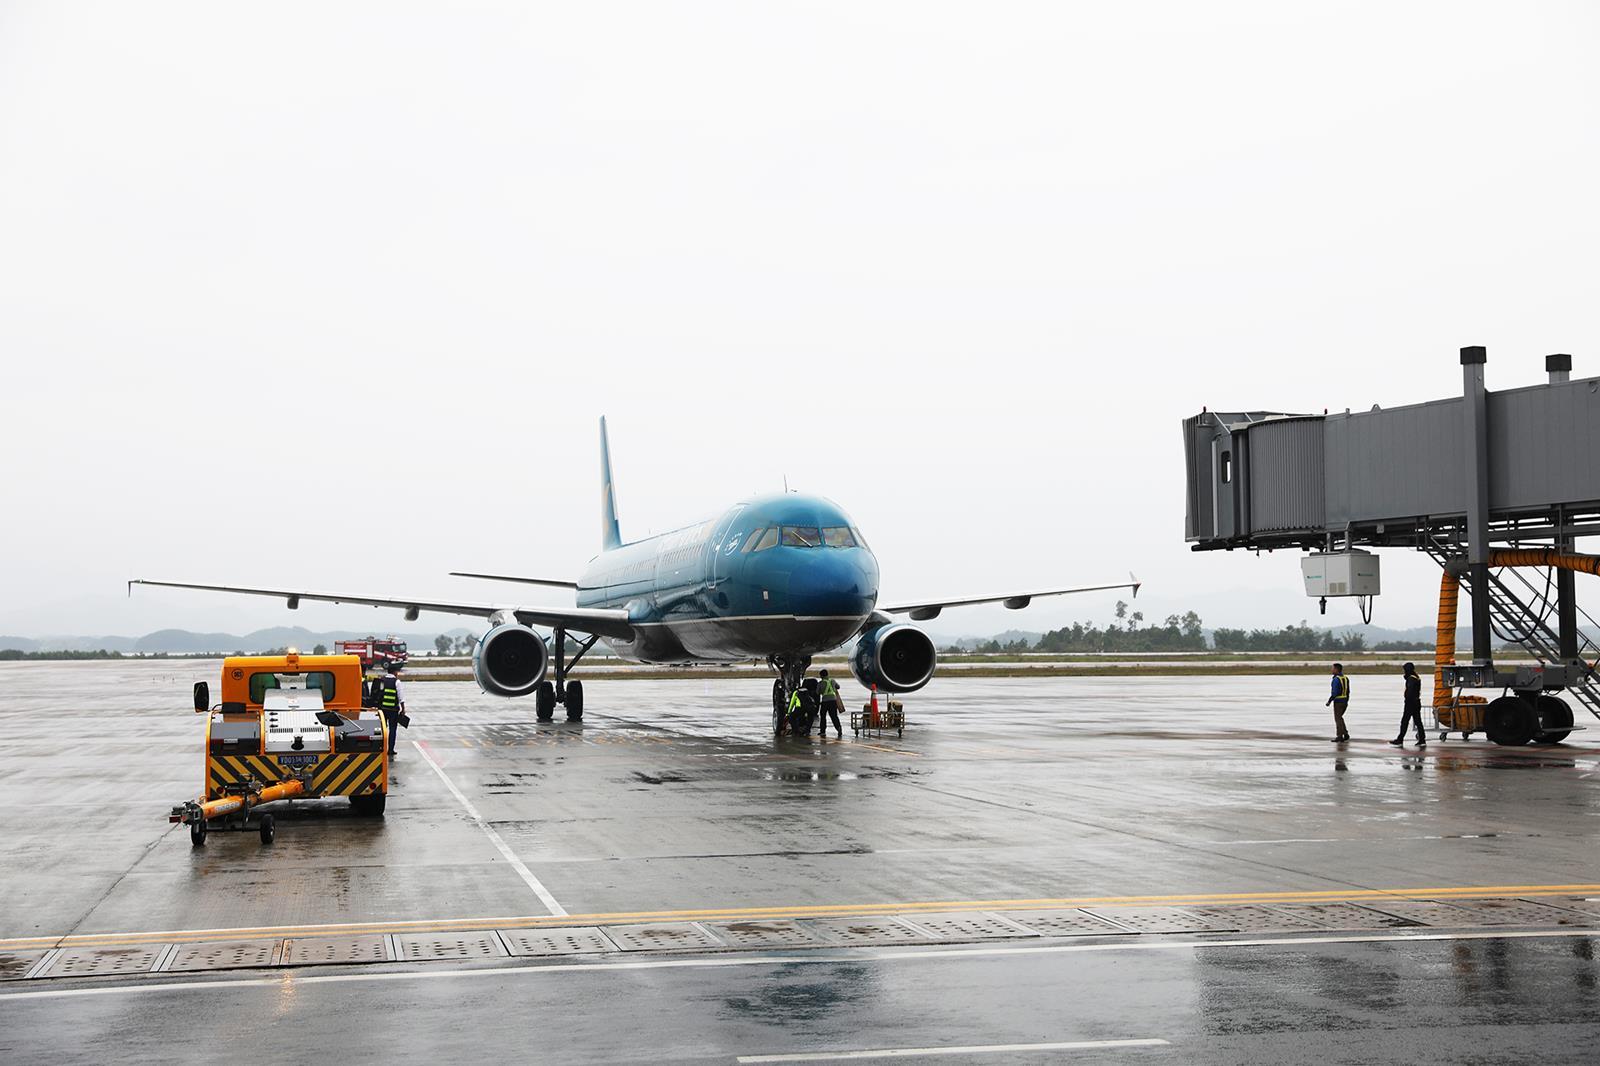 Chuyến bay đầu tiên từ Đà Nẵng cập Cảng hàng không quốc tế Vân Đồn  - Ảnh 1